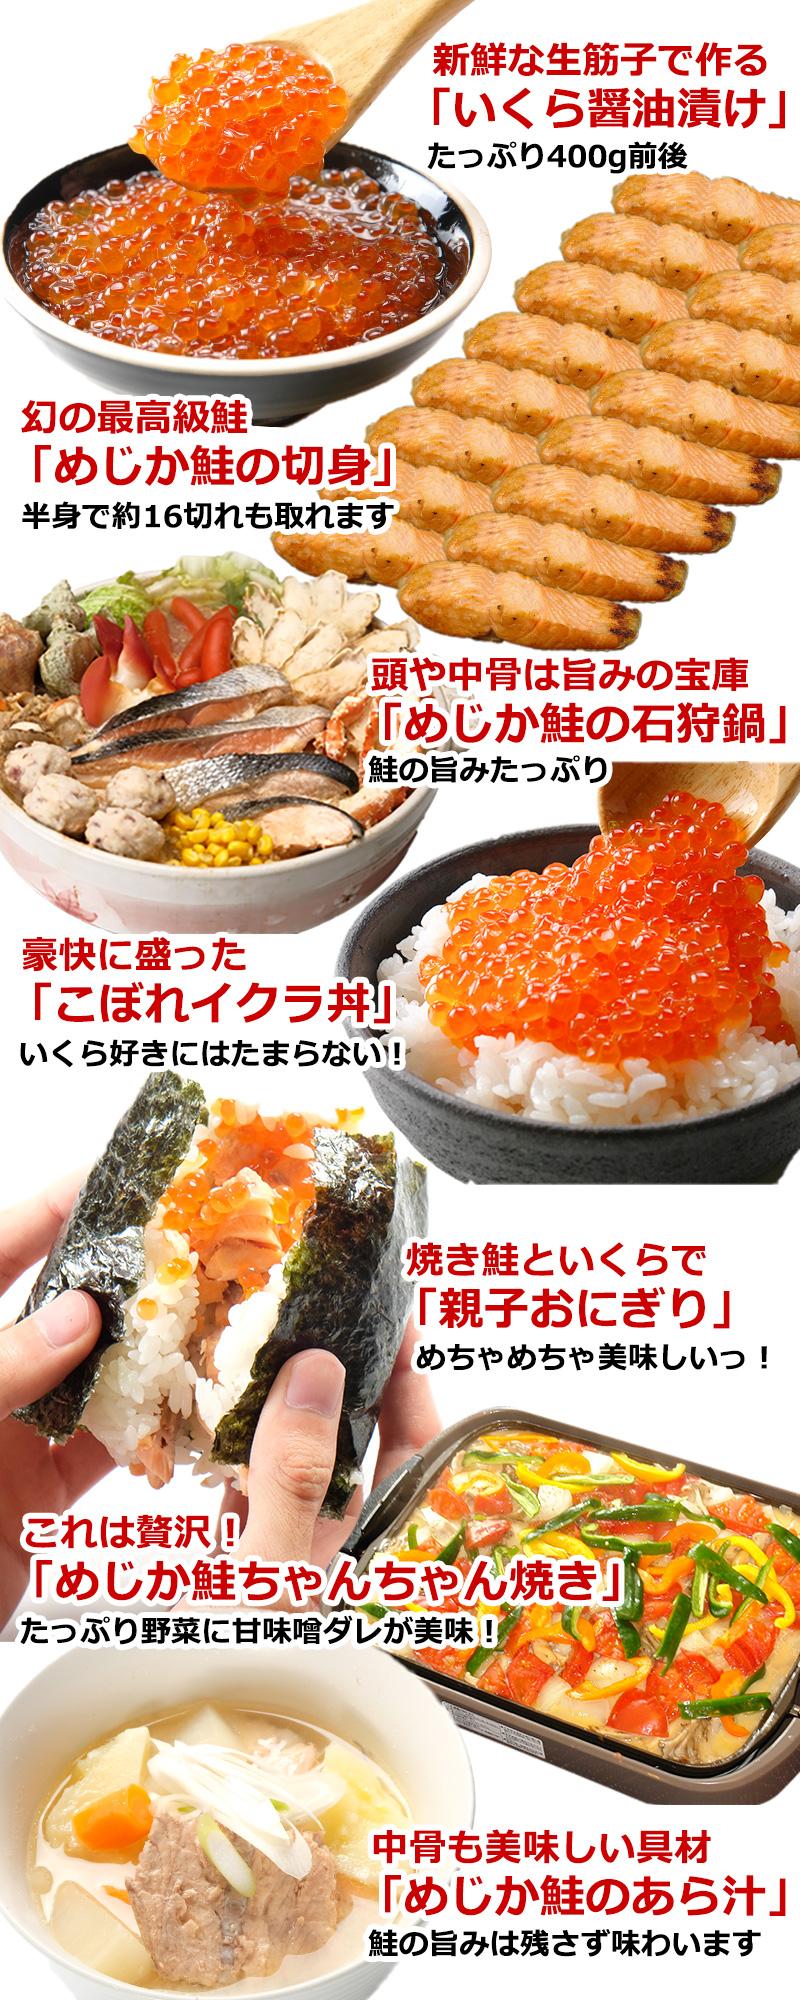 たくさんの鮭料理が楽しめます